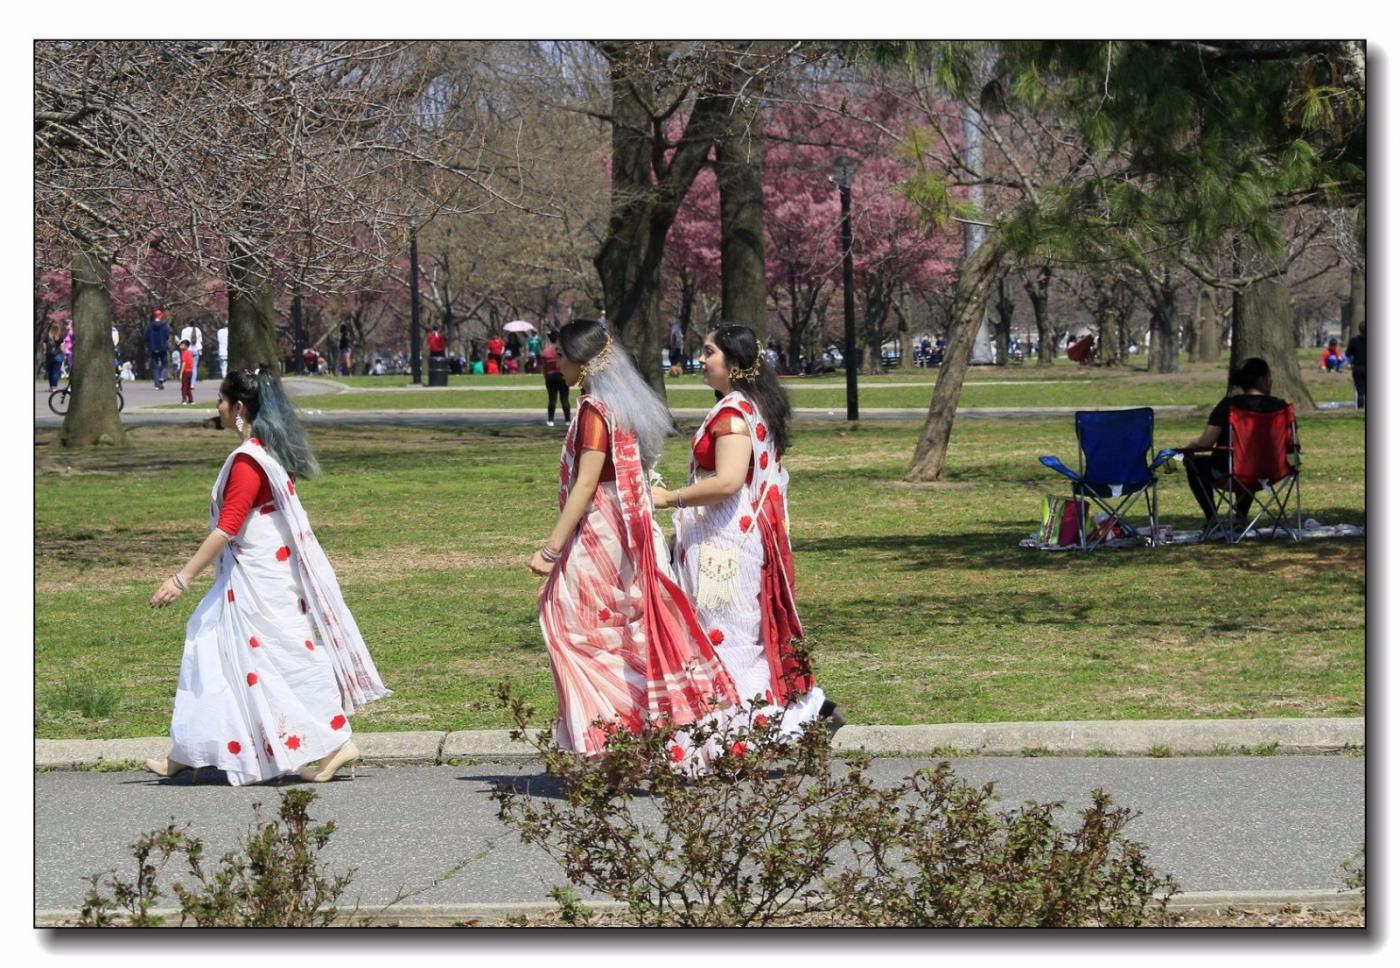 春滿可樂娜公園_圖1-15